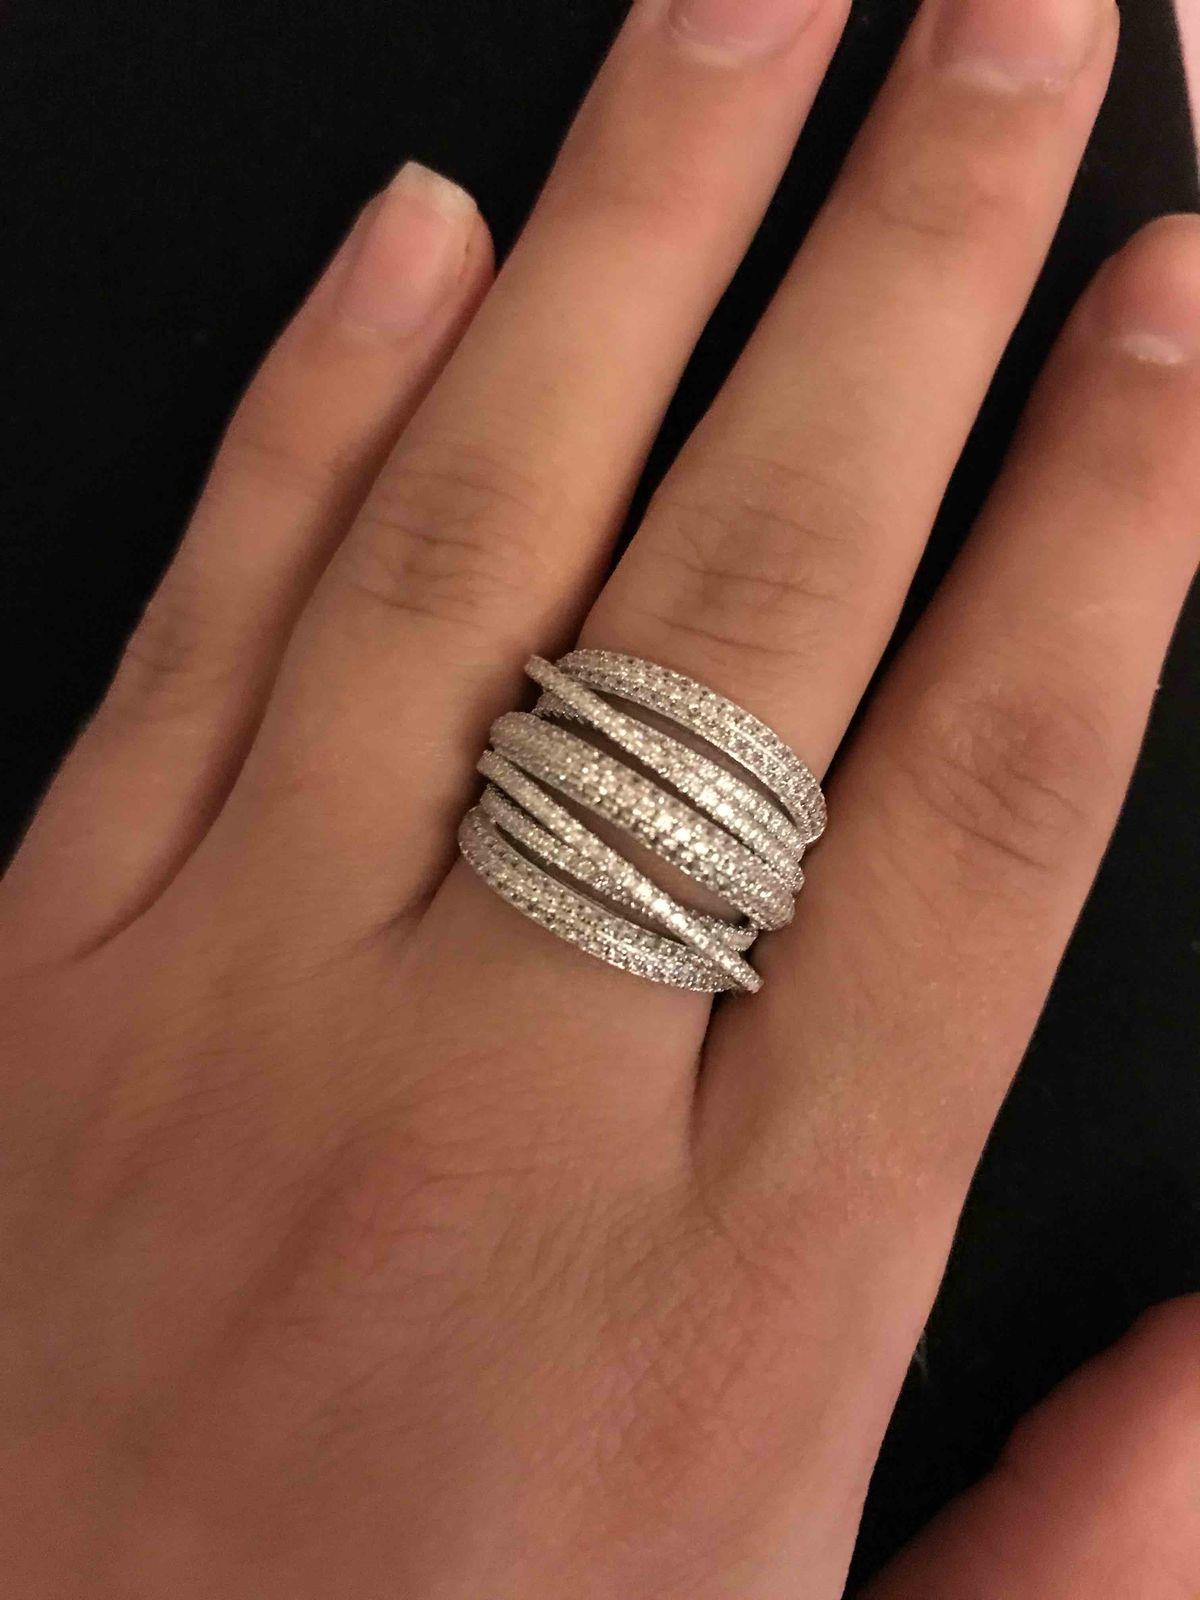 Супер кольцо , очень интересный дизайн , удобное в носке